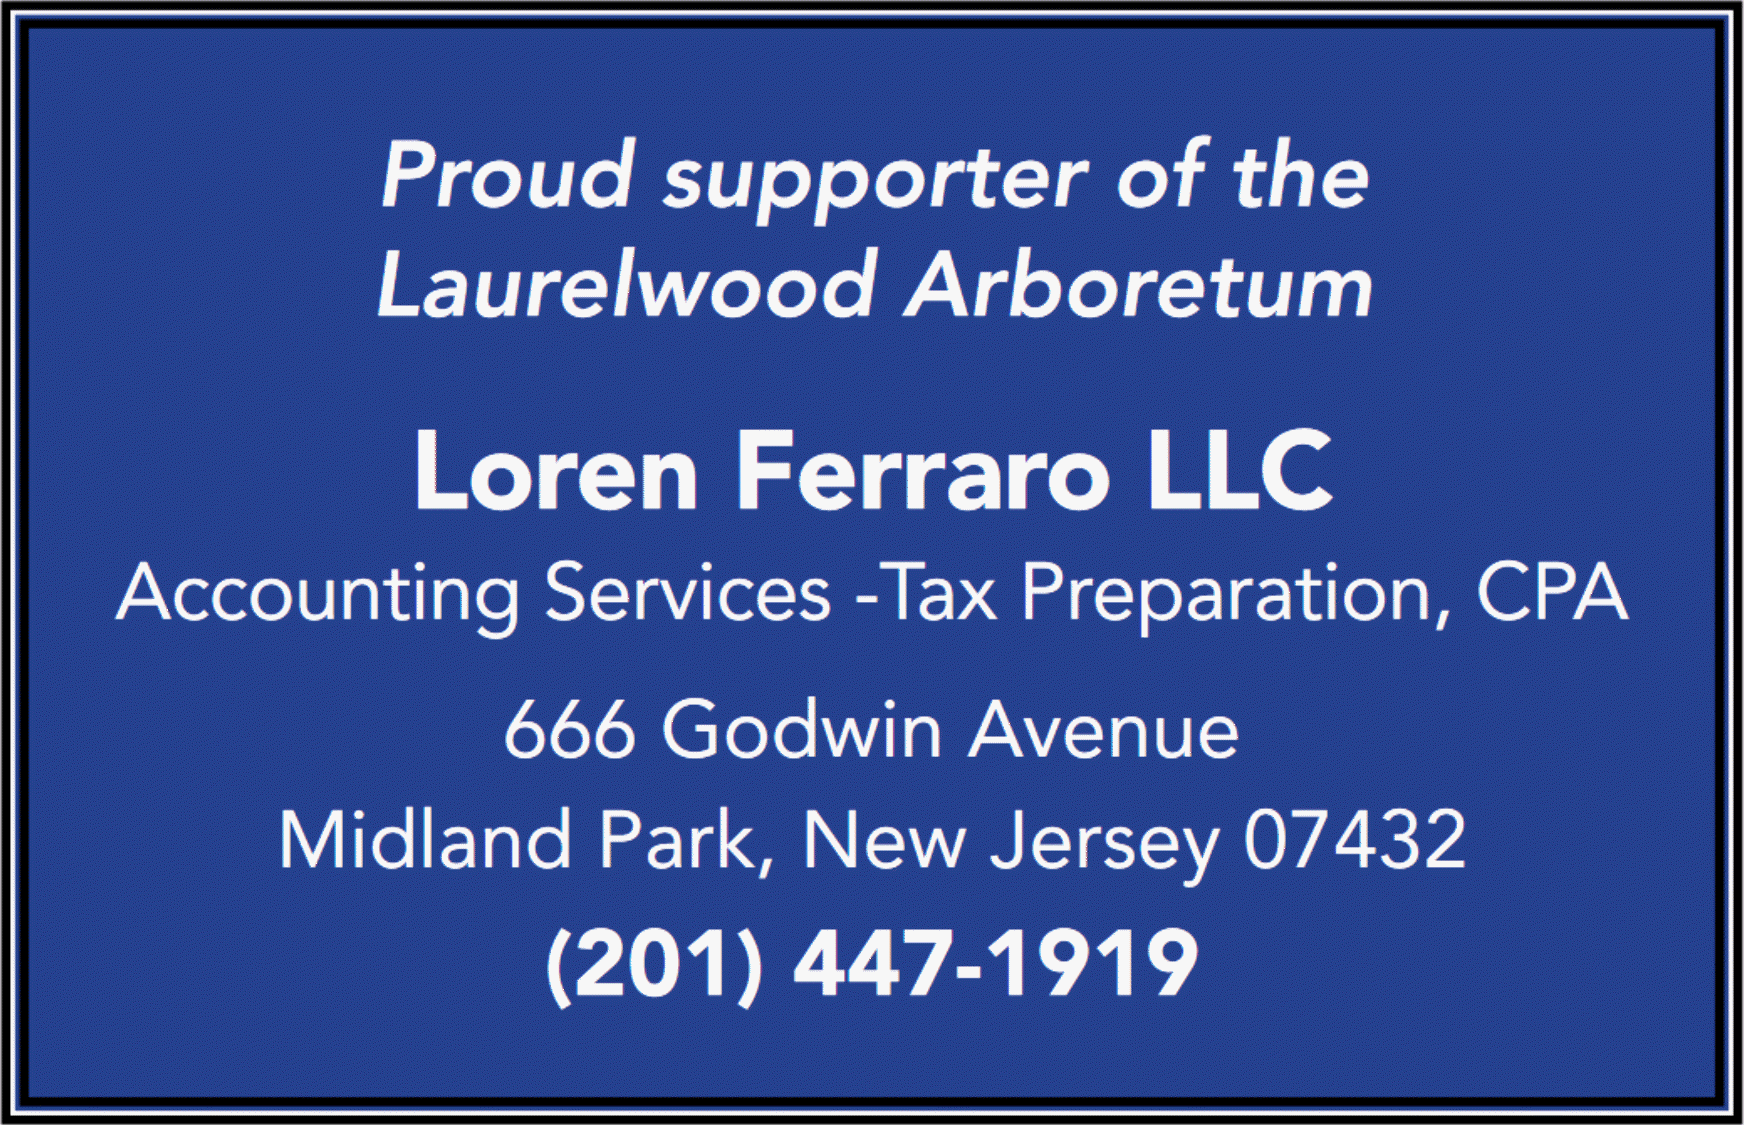 Loren Ferraro LLC